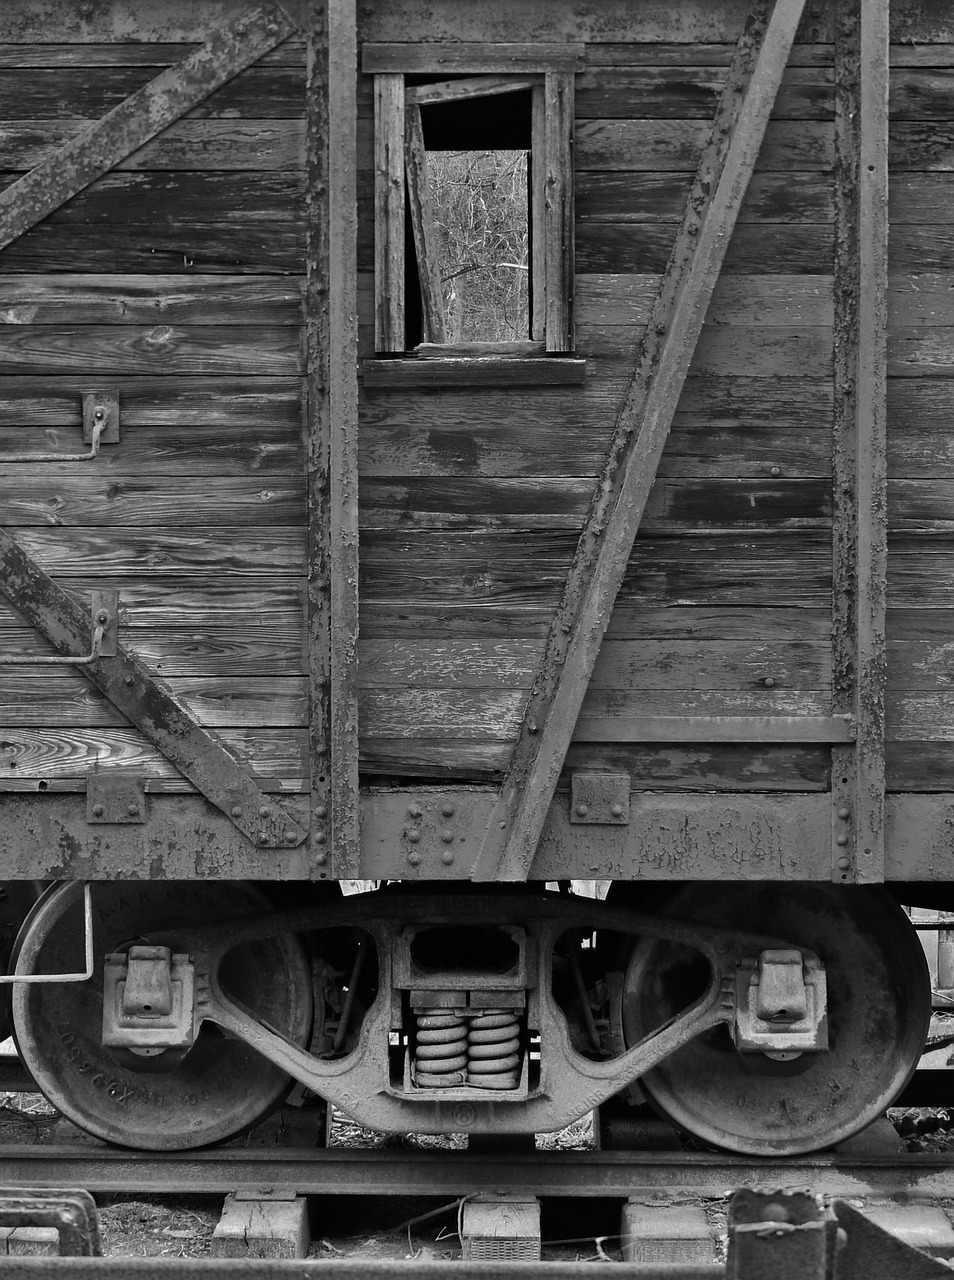 railroad-314768_1280.jpg